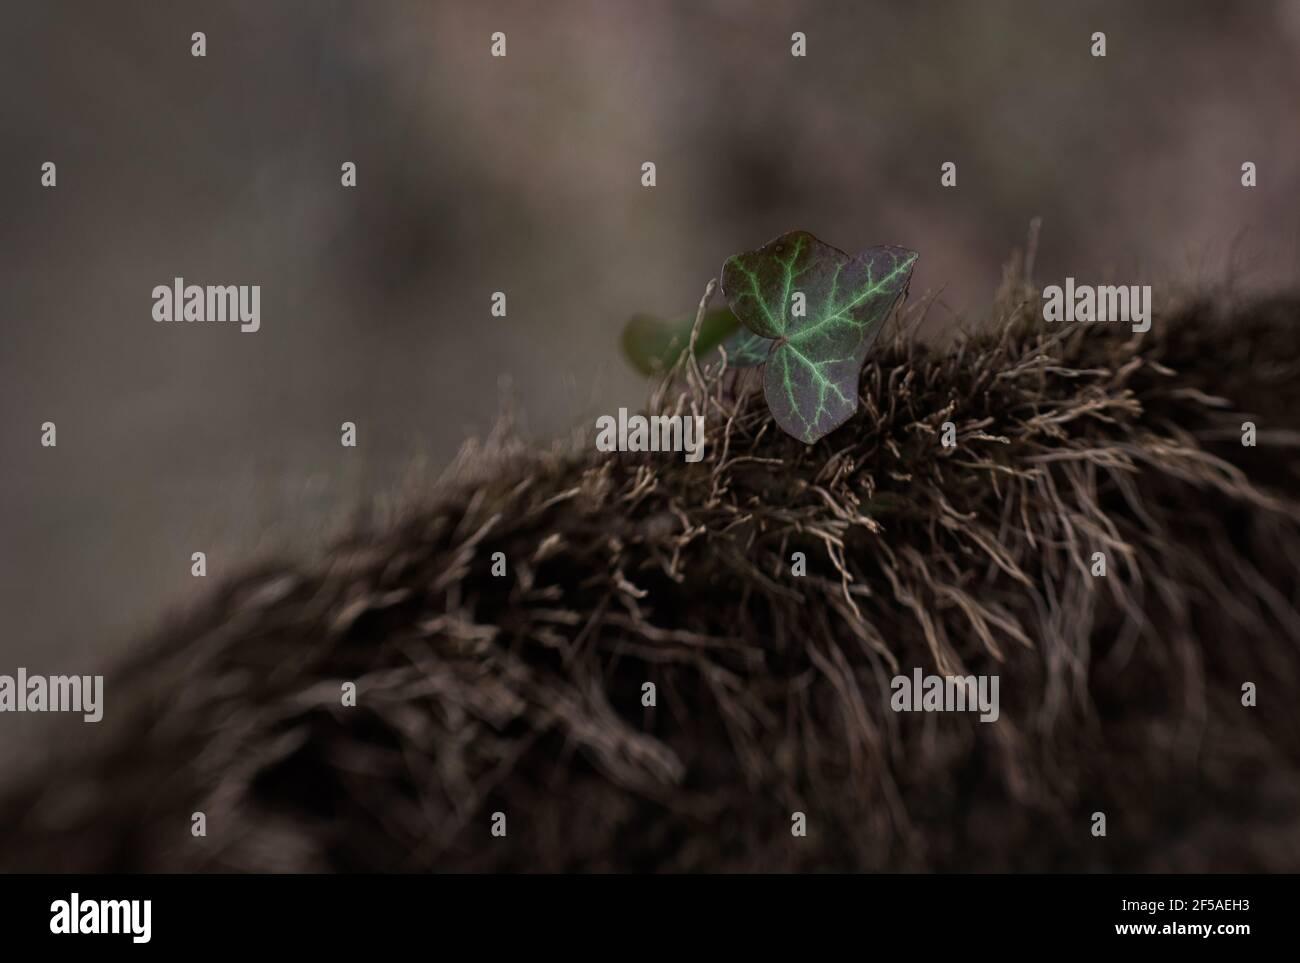 una sola hoja con un velo verde sobre un árbol con textura Foto de stock